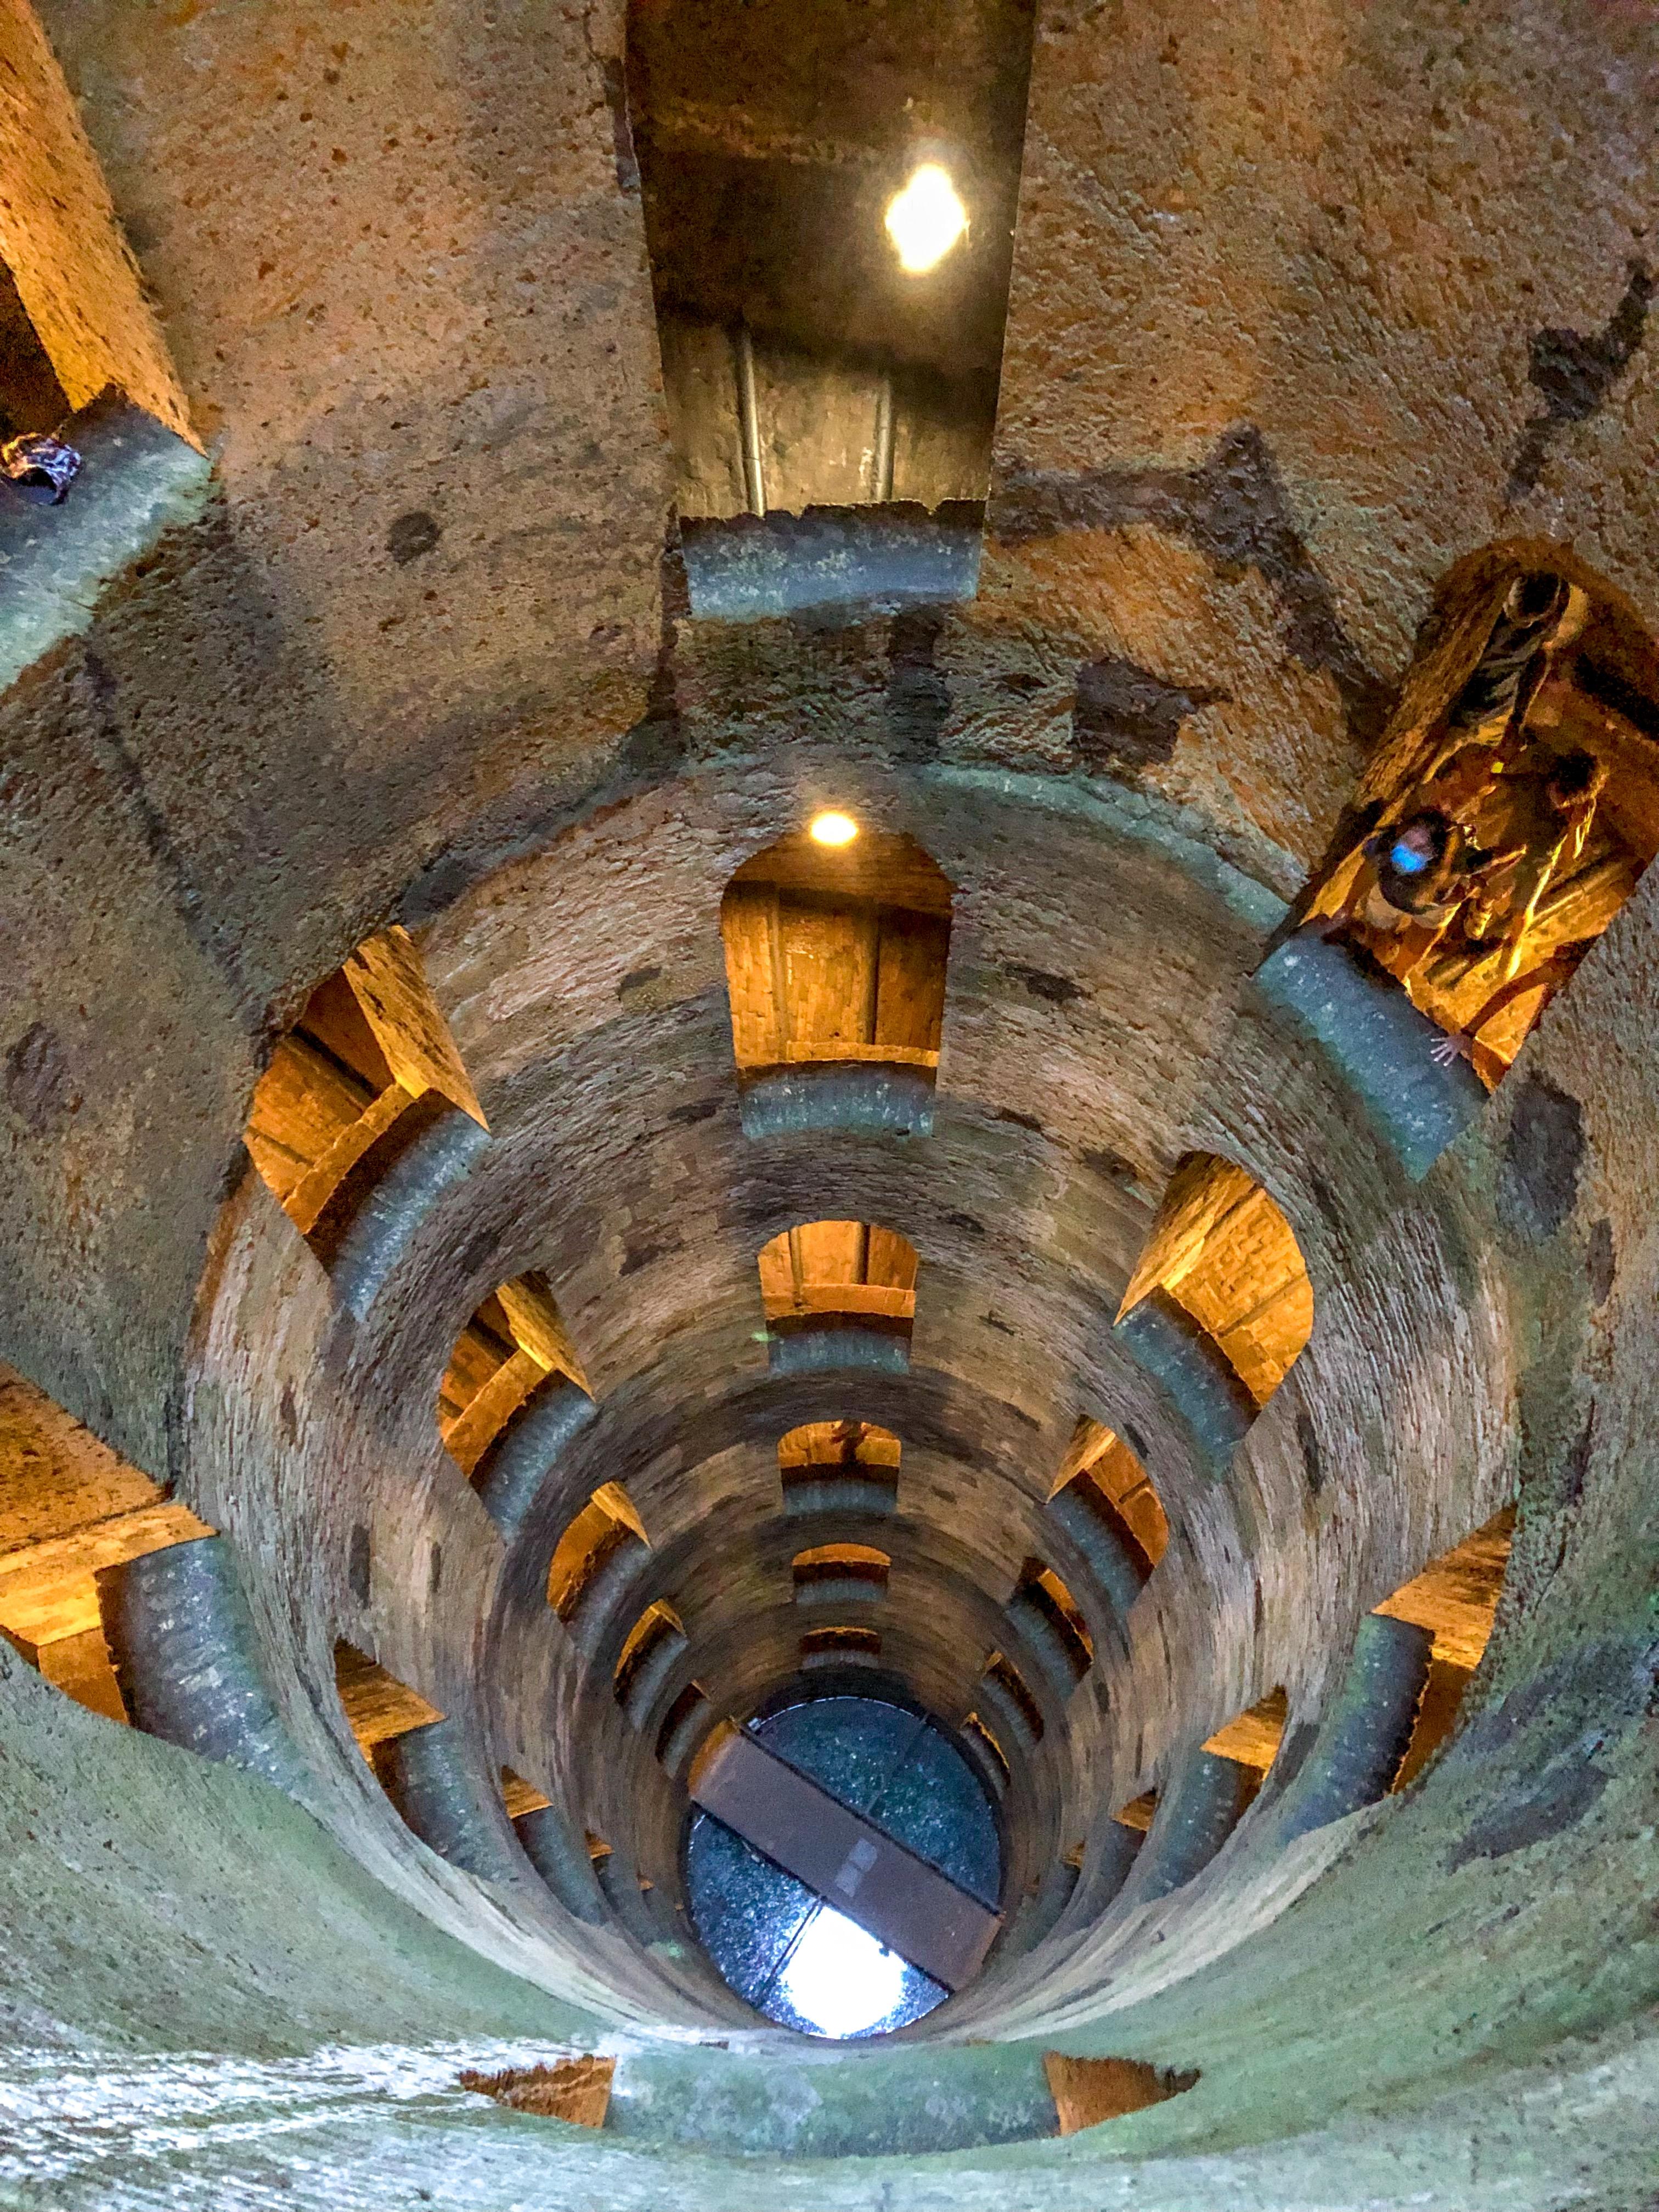 Italia - Italy - Casale Management - Travel - Orvieto - Pozzo di San Patrizio